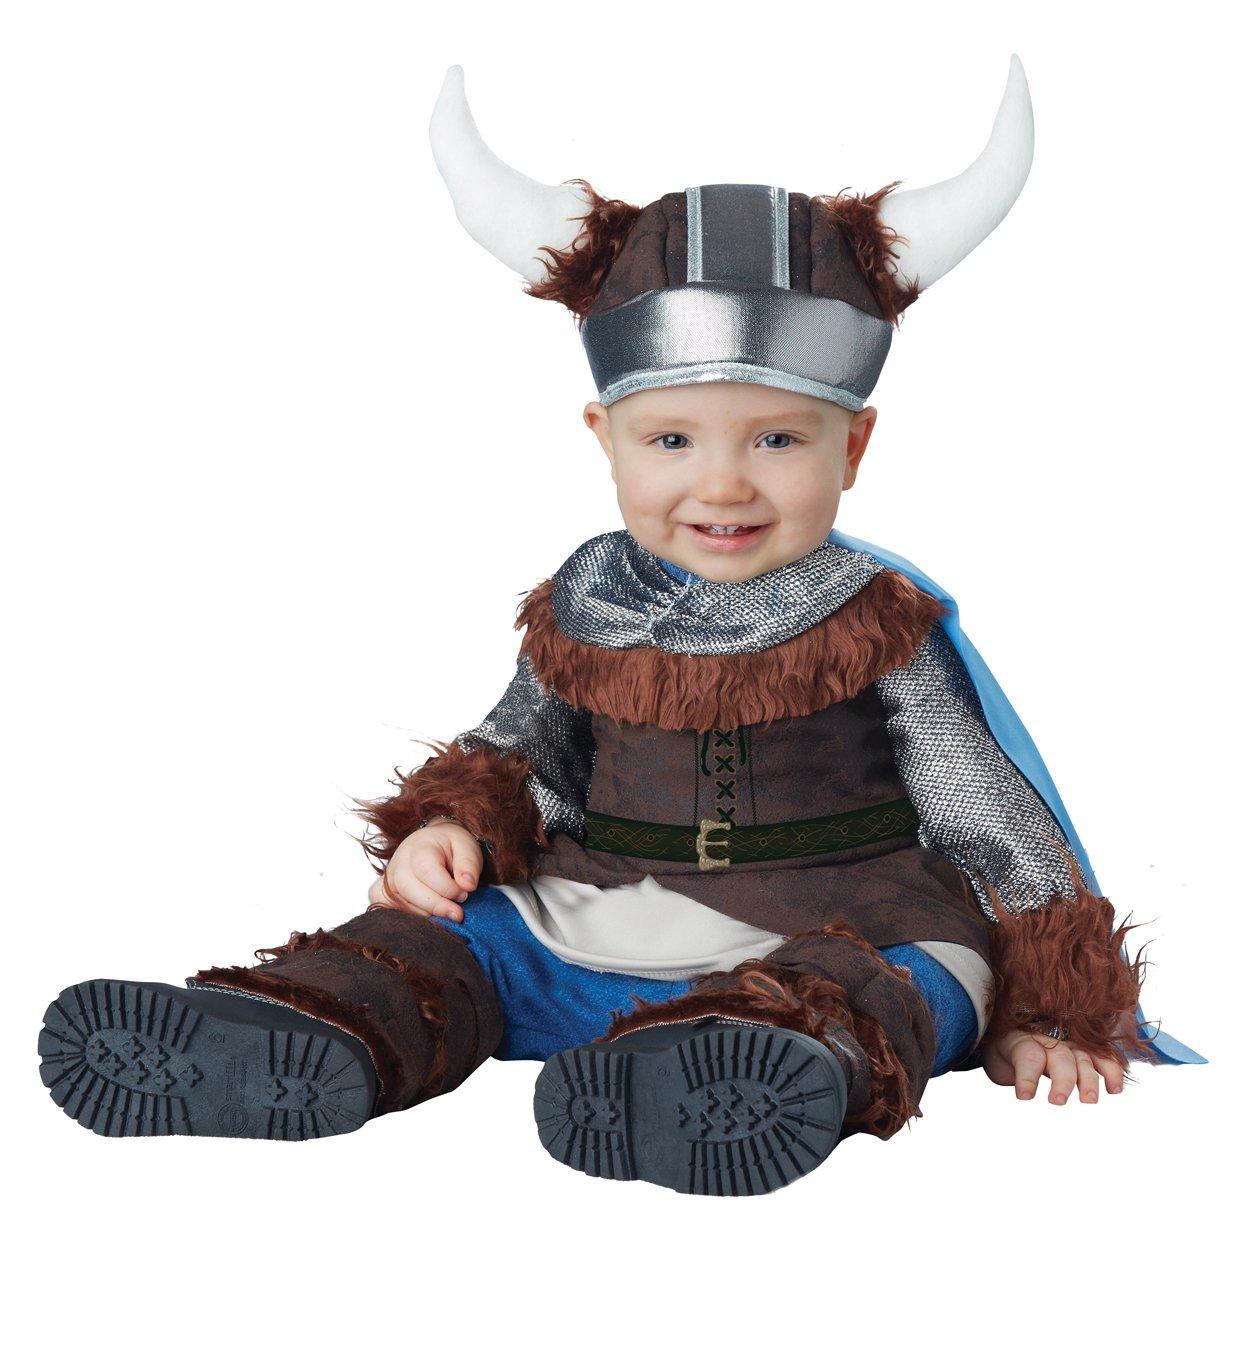 Карнавальный костюм викинга позволит вашему ребенку выделиться на новогоднем утреннике или другом аналогичном мероприятии.